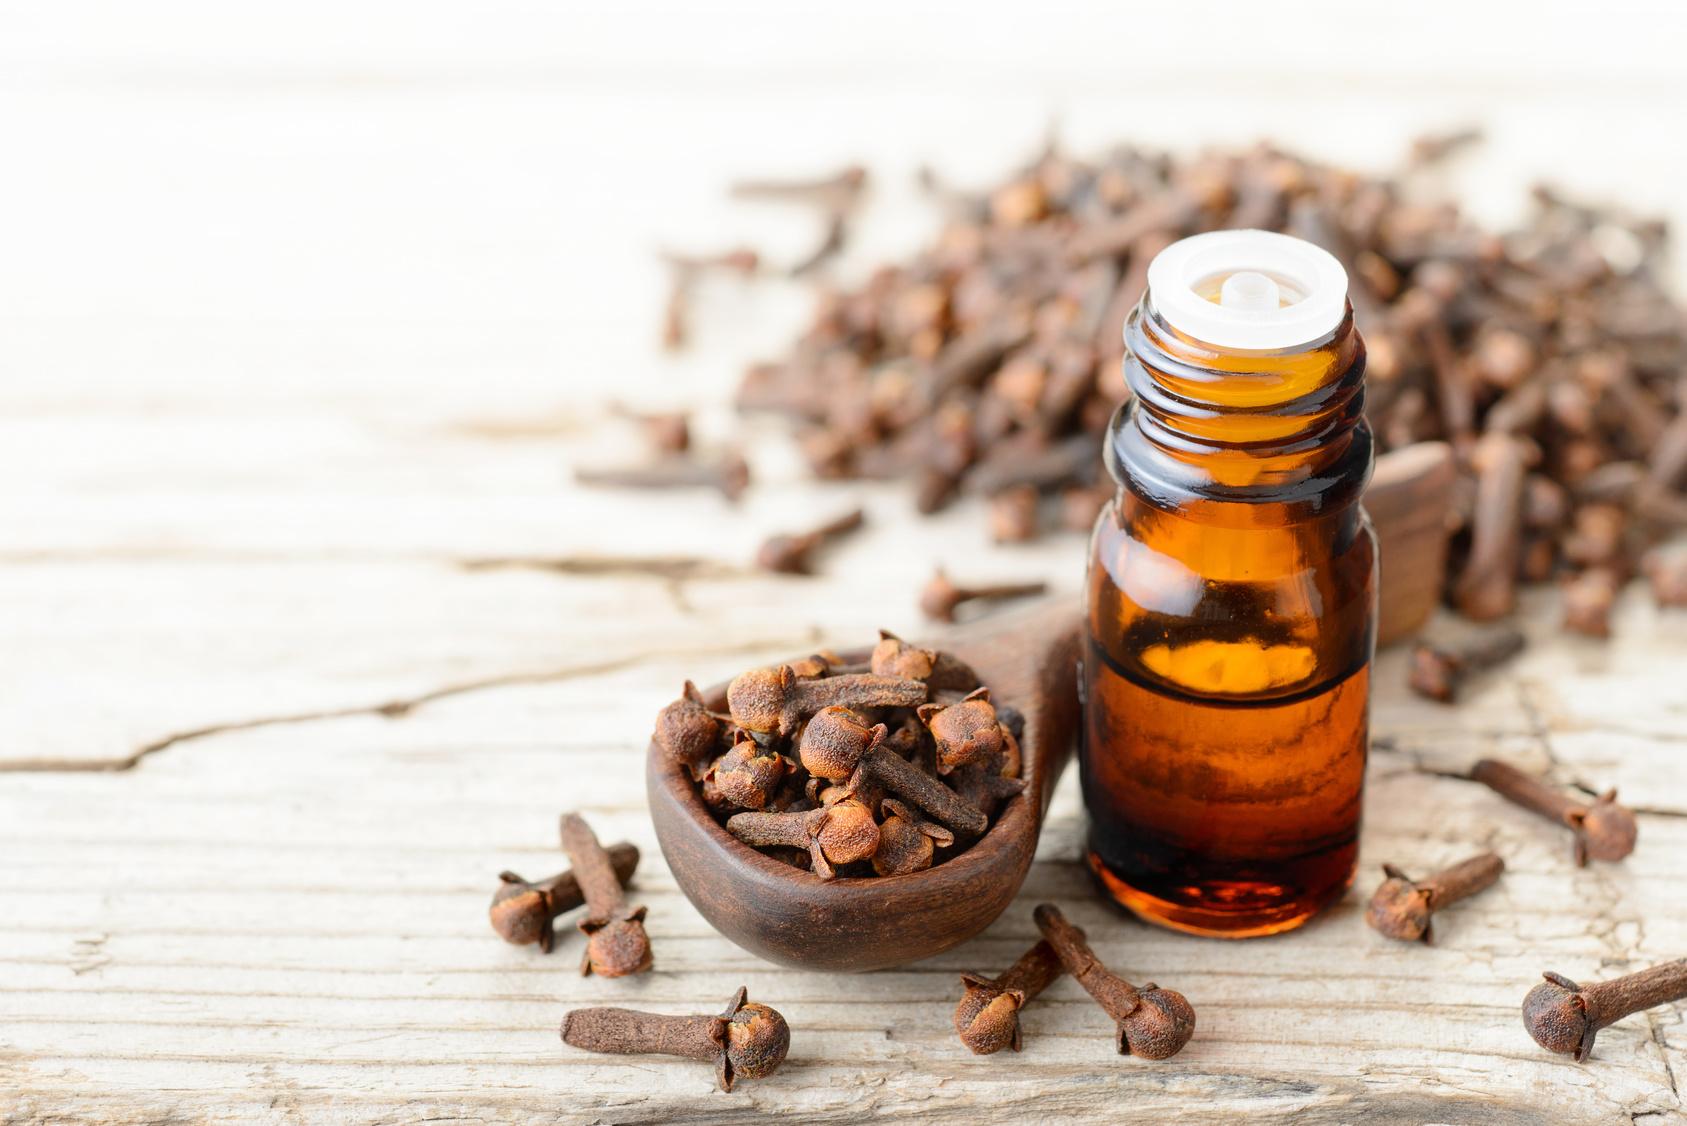 Cynamon i olejek cynamonowy – jak wykorzystać ich właściwości zdrowotne?